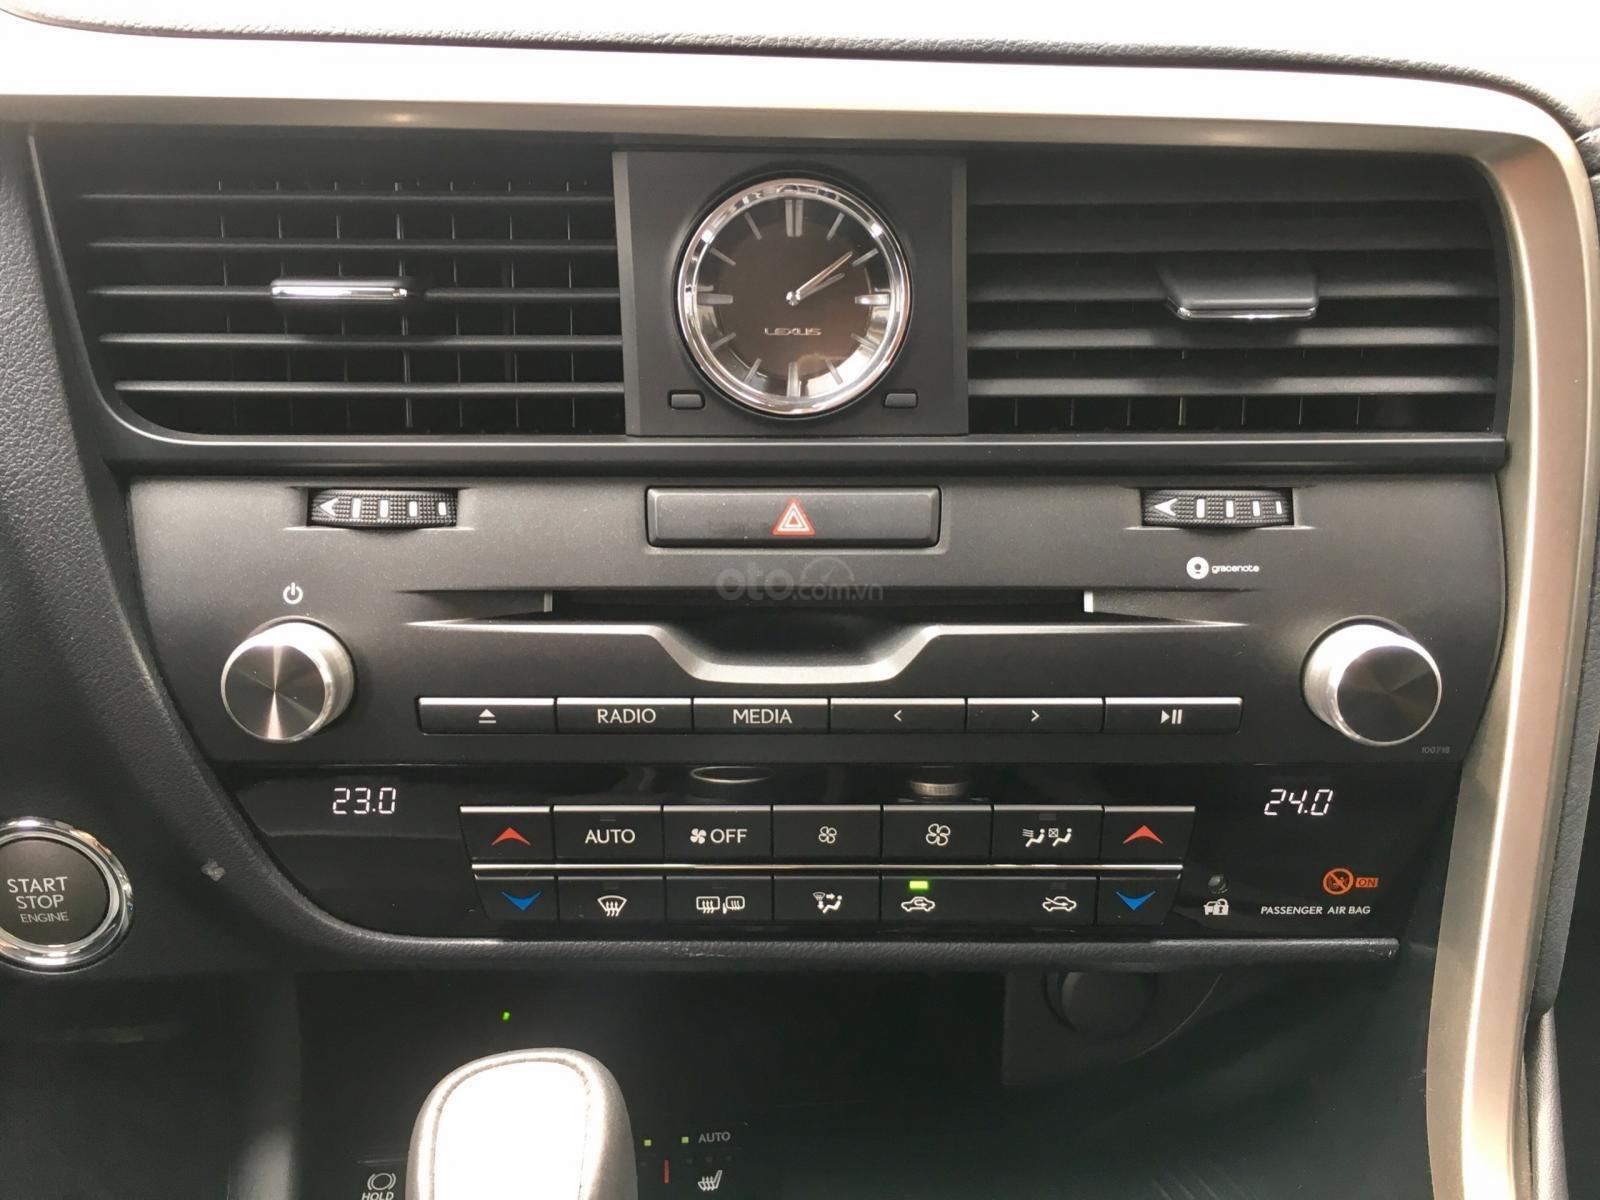 MT Auto bán xe Lexus RX 200t sx 2016, màu đỏ mới 100% giá cực rẻ, hỗ trợ 2 tỷ, LH em Hương 0945392468-10